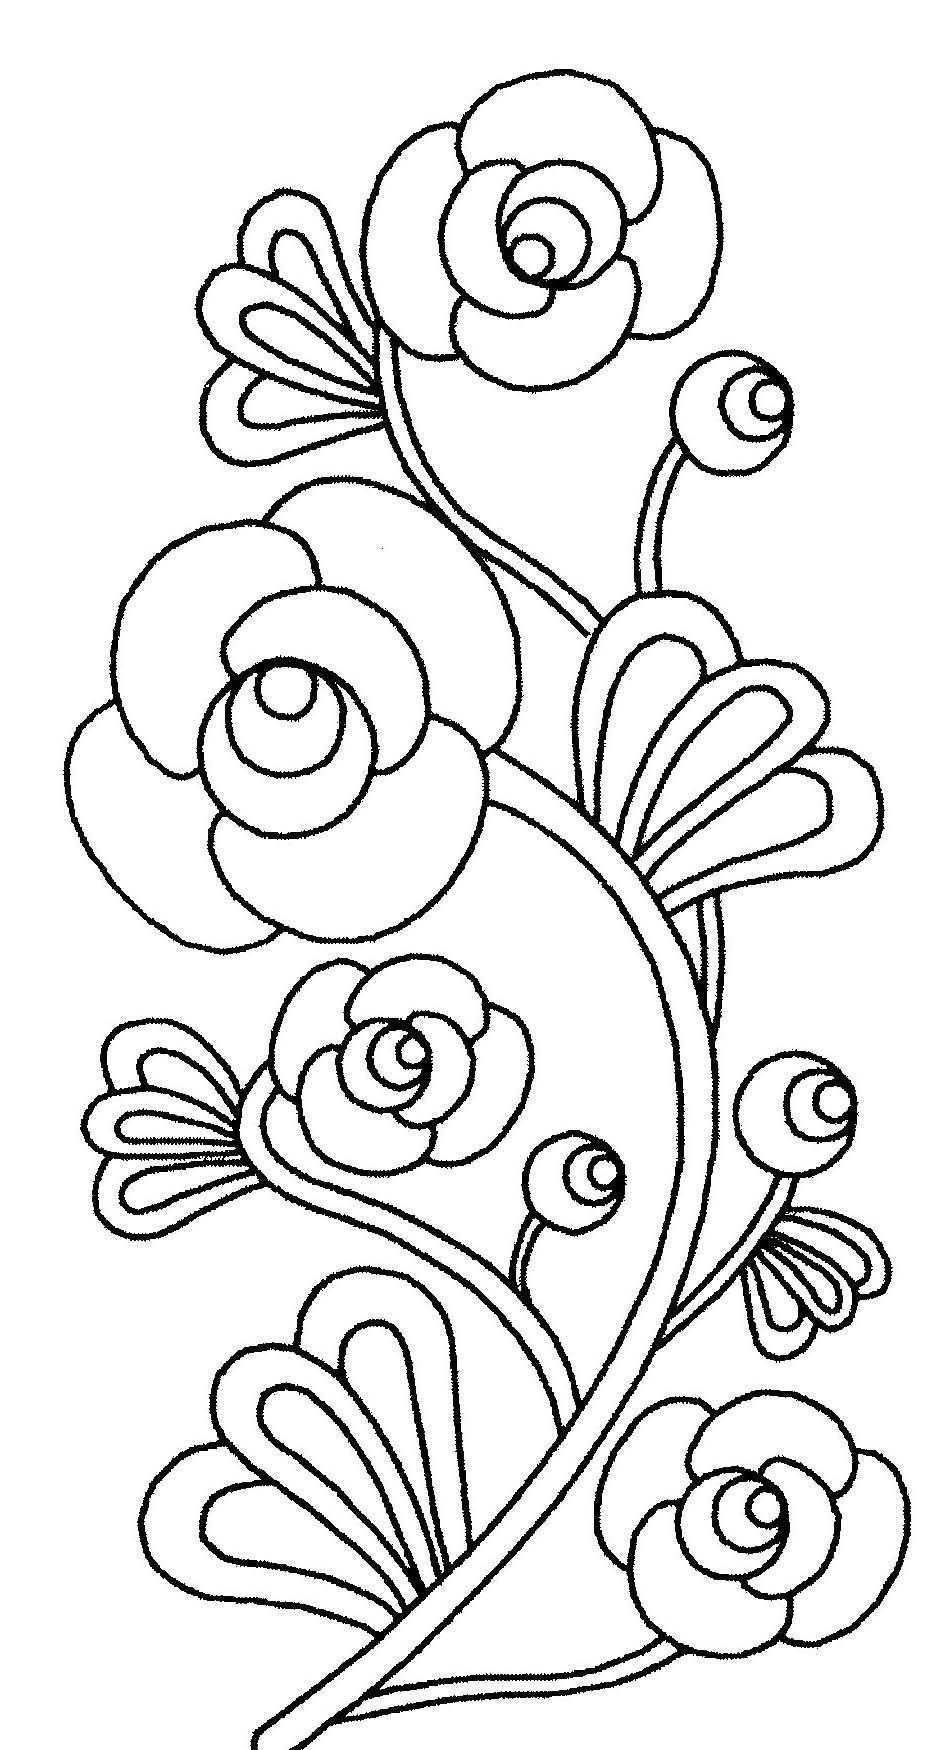 Coloriage de fleurs